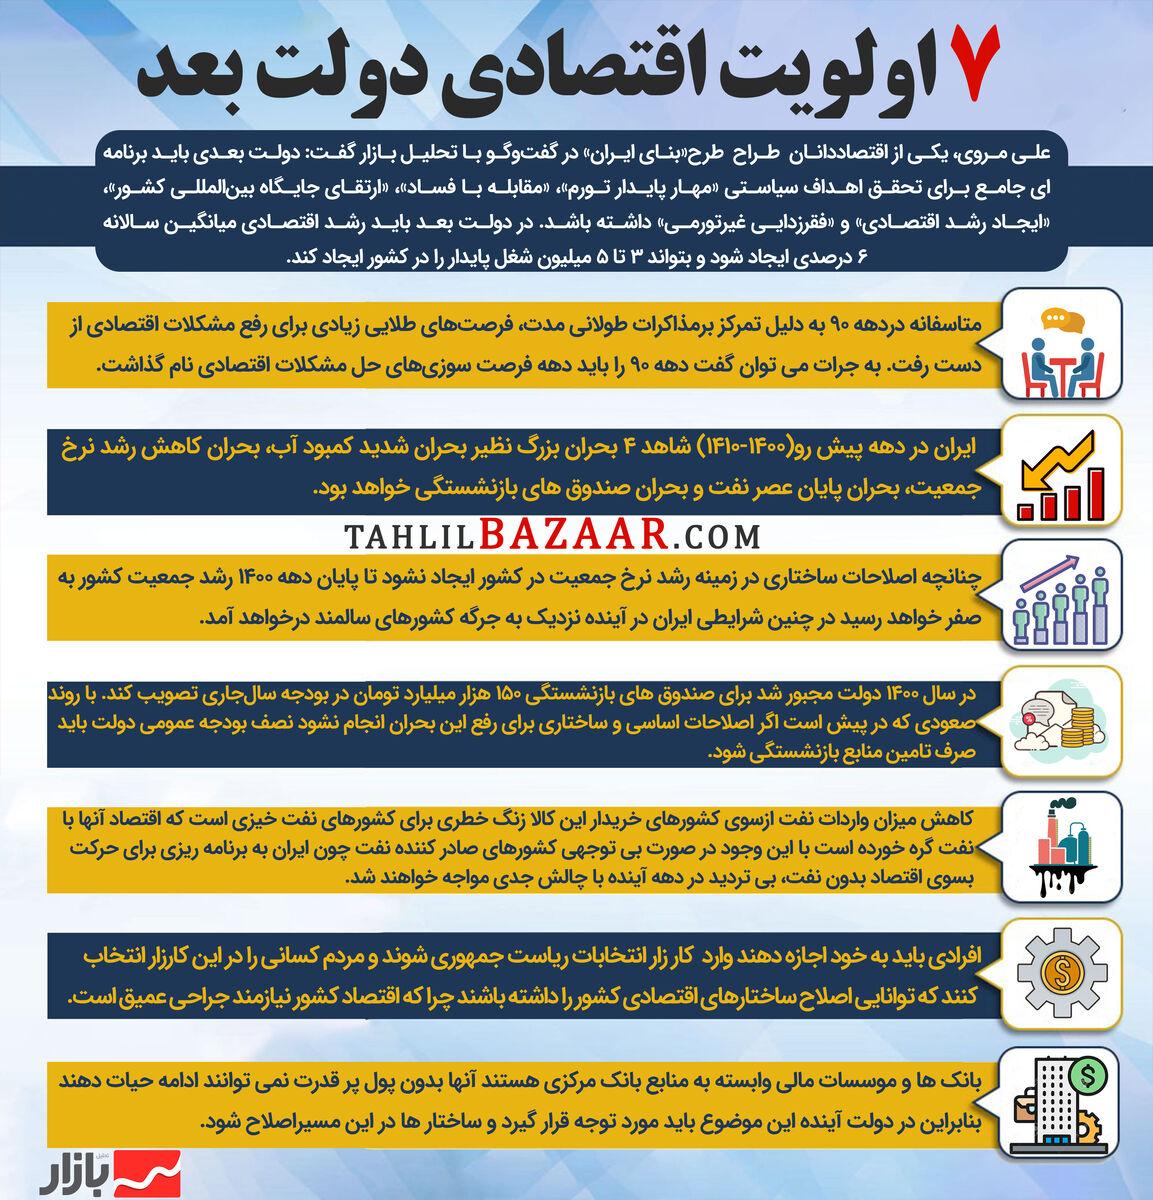 ۷ اولویت اقتصادی دولت بعد